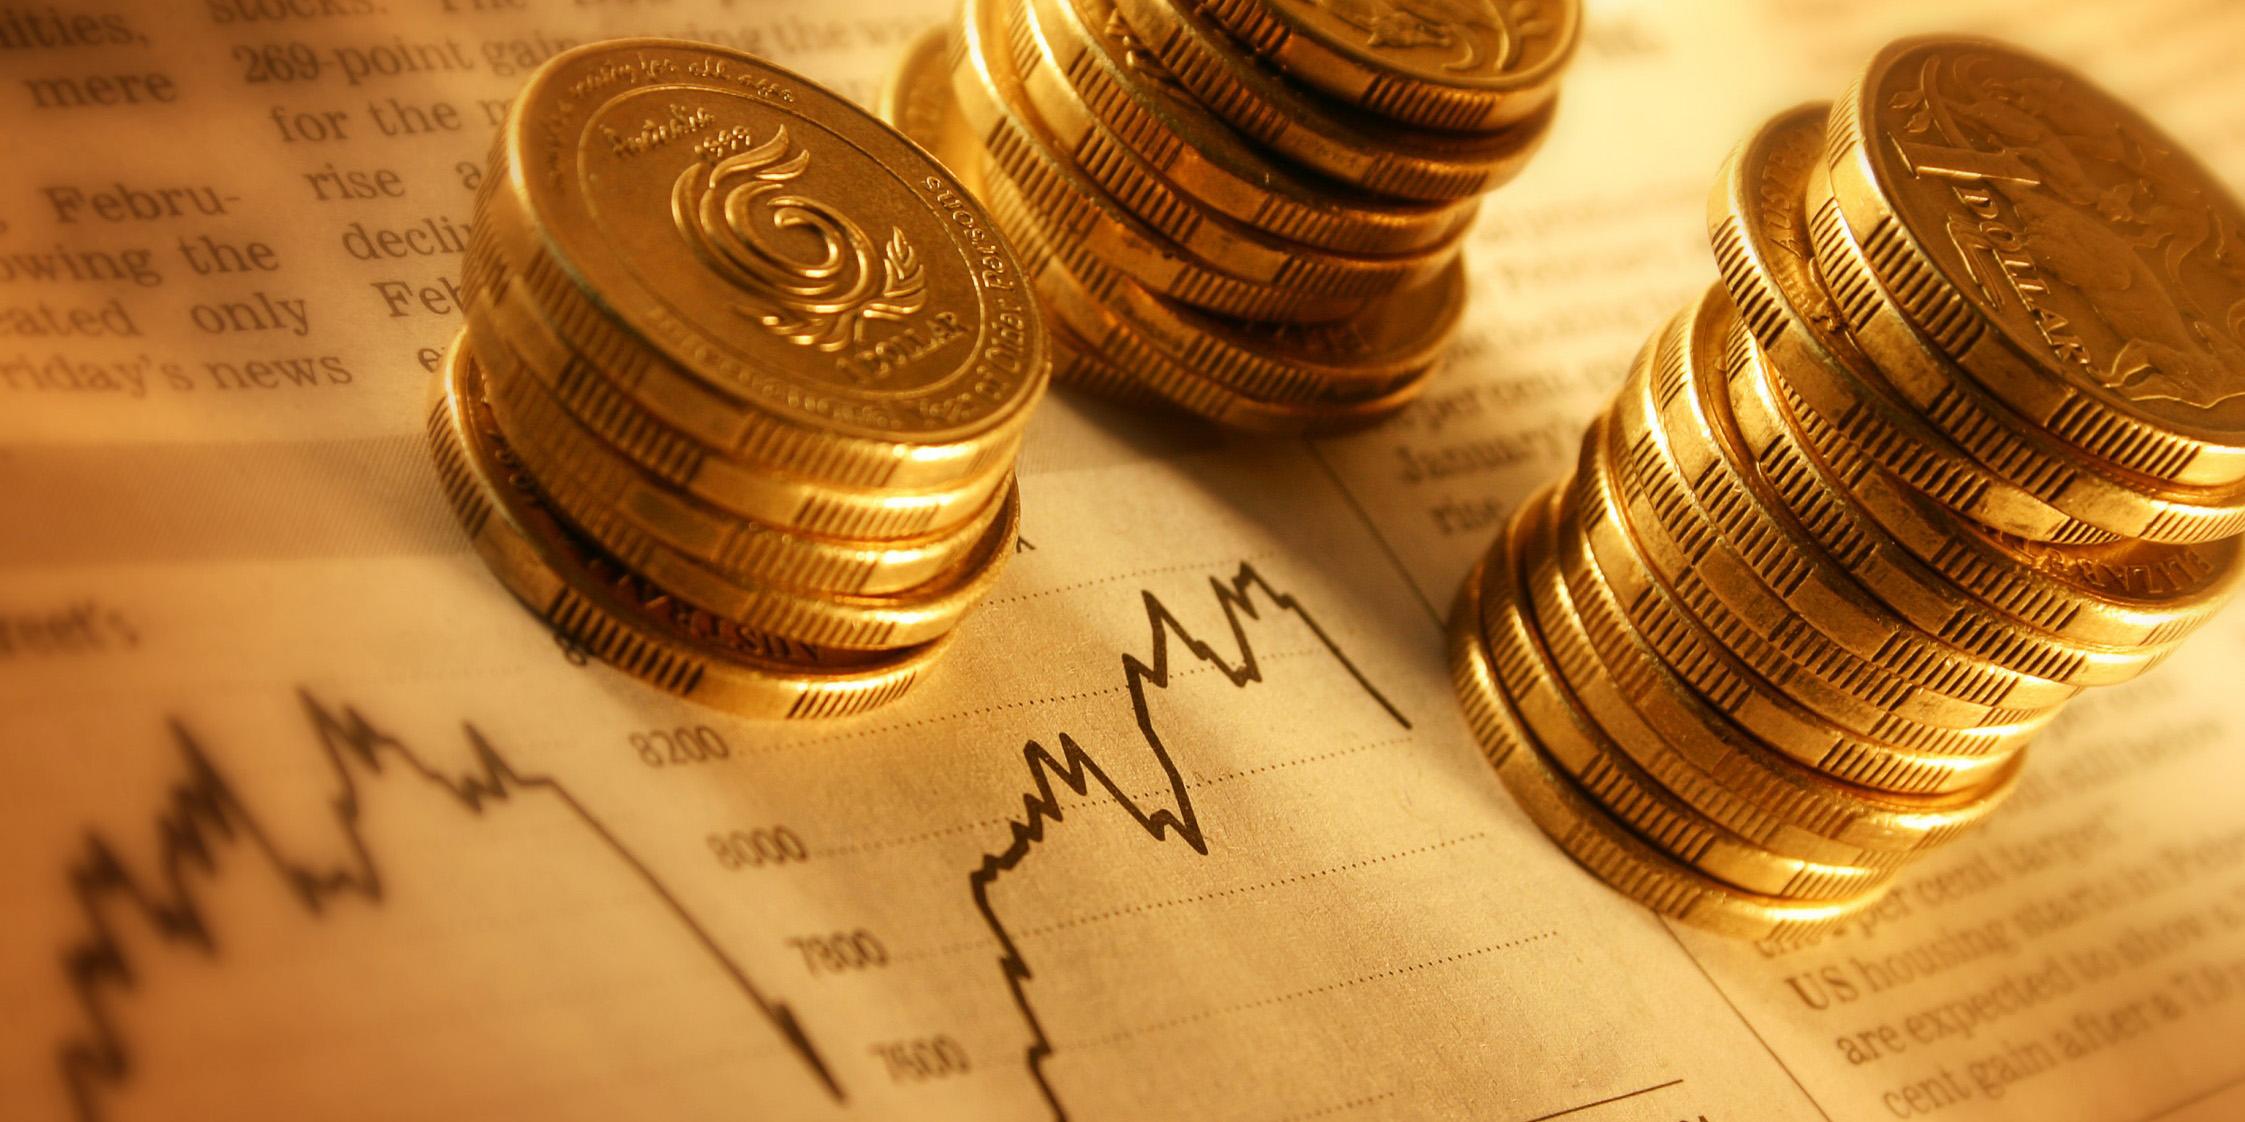 نظام بانکی در برابر آزمونی سخت